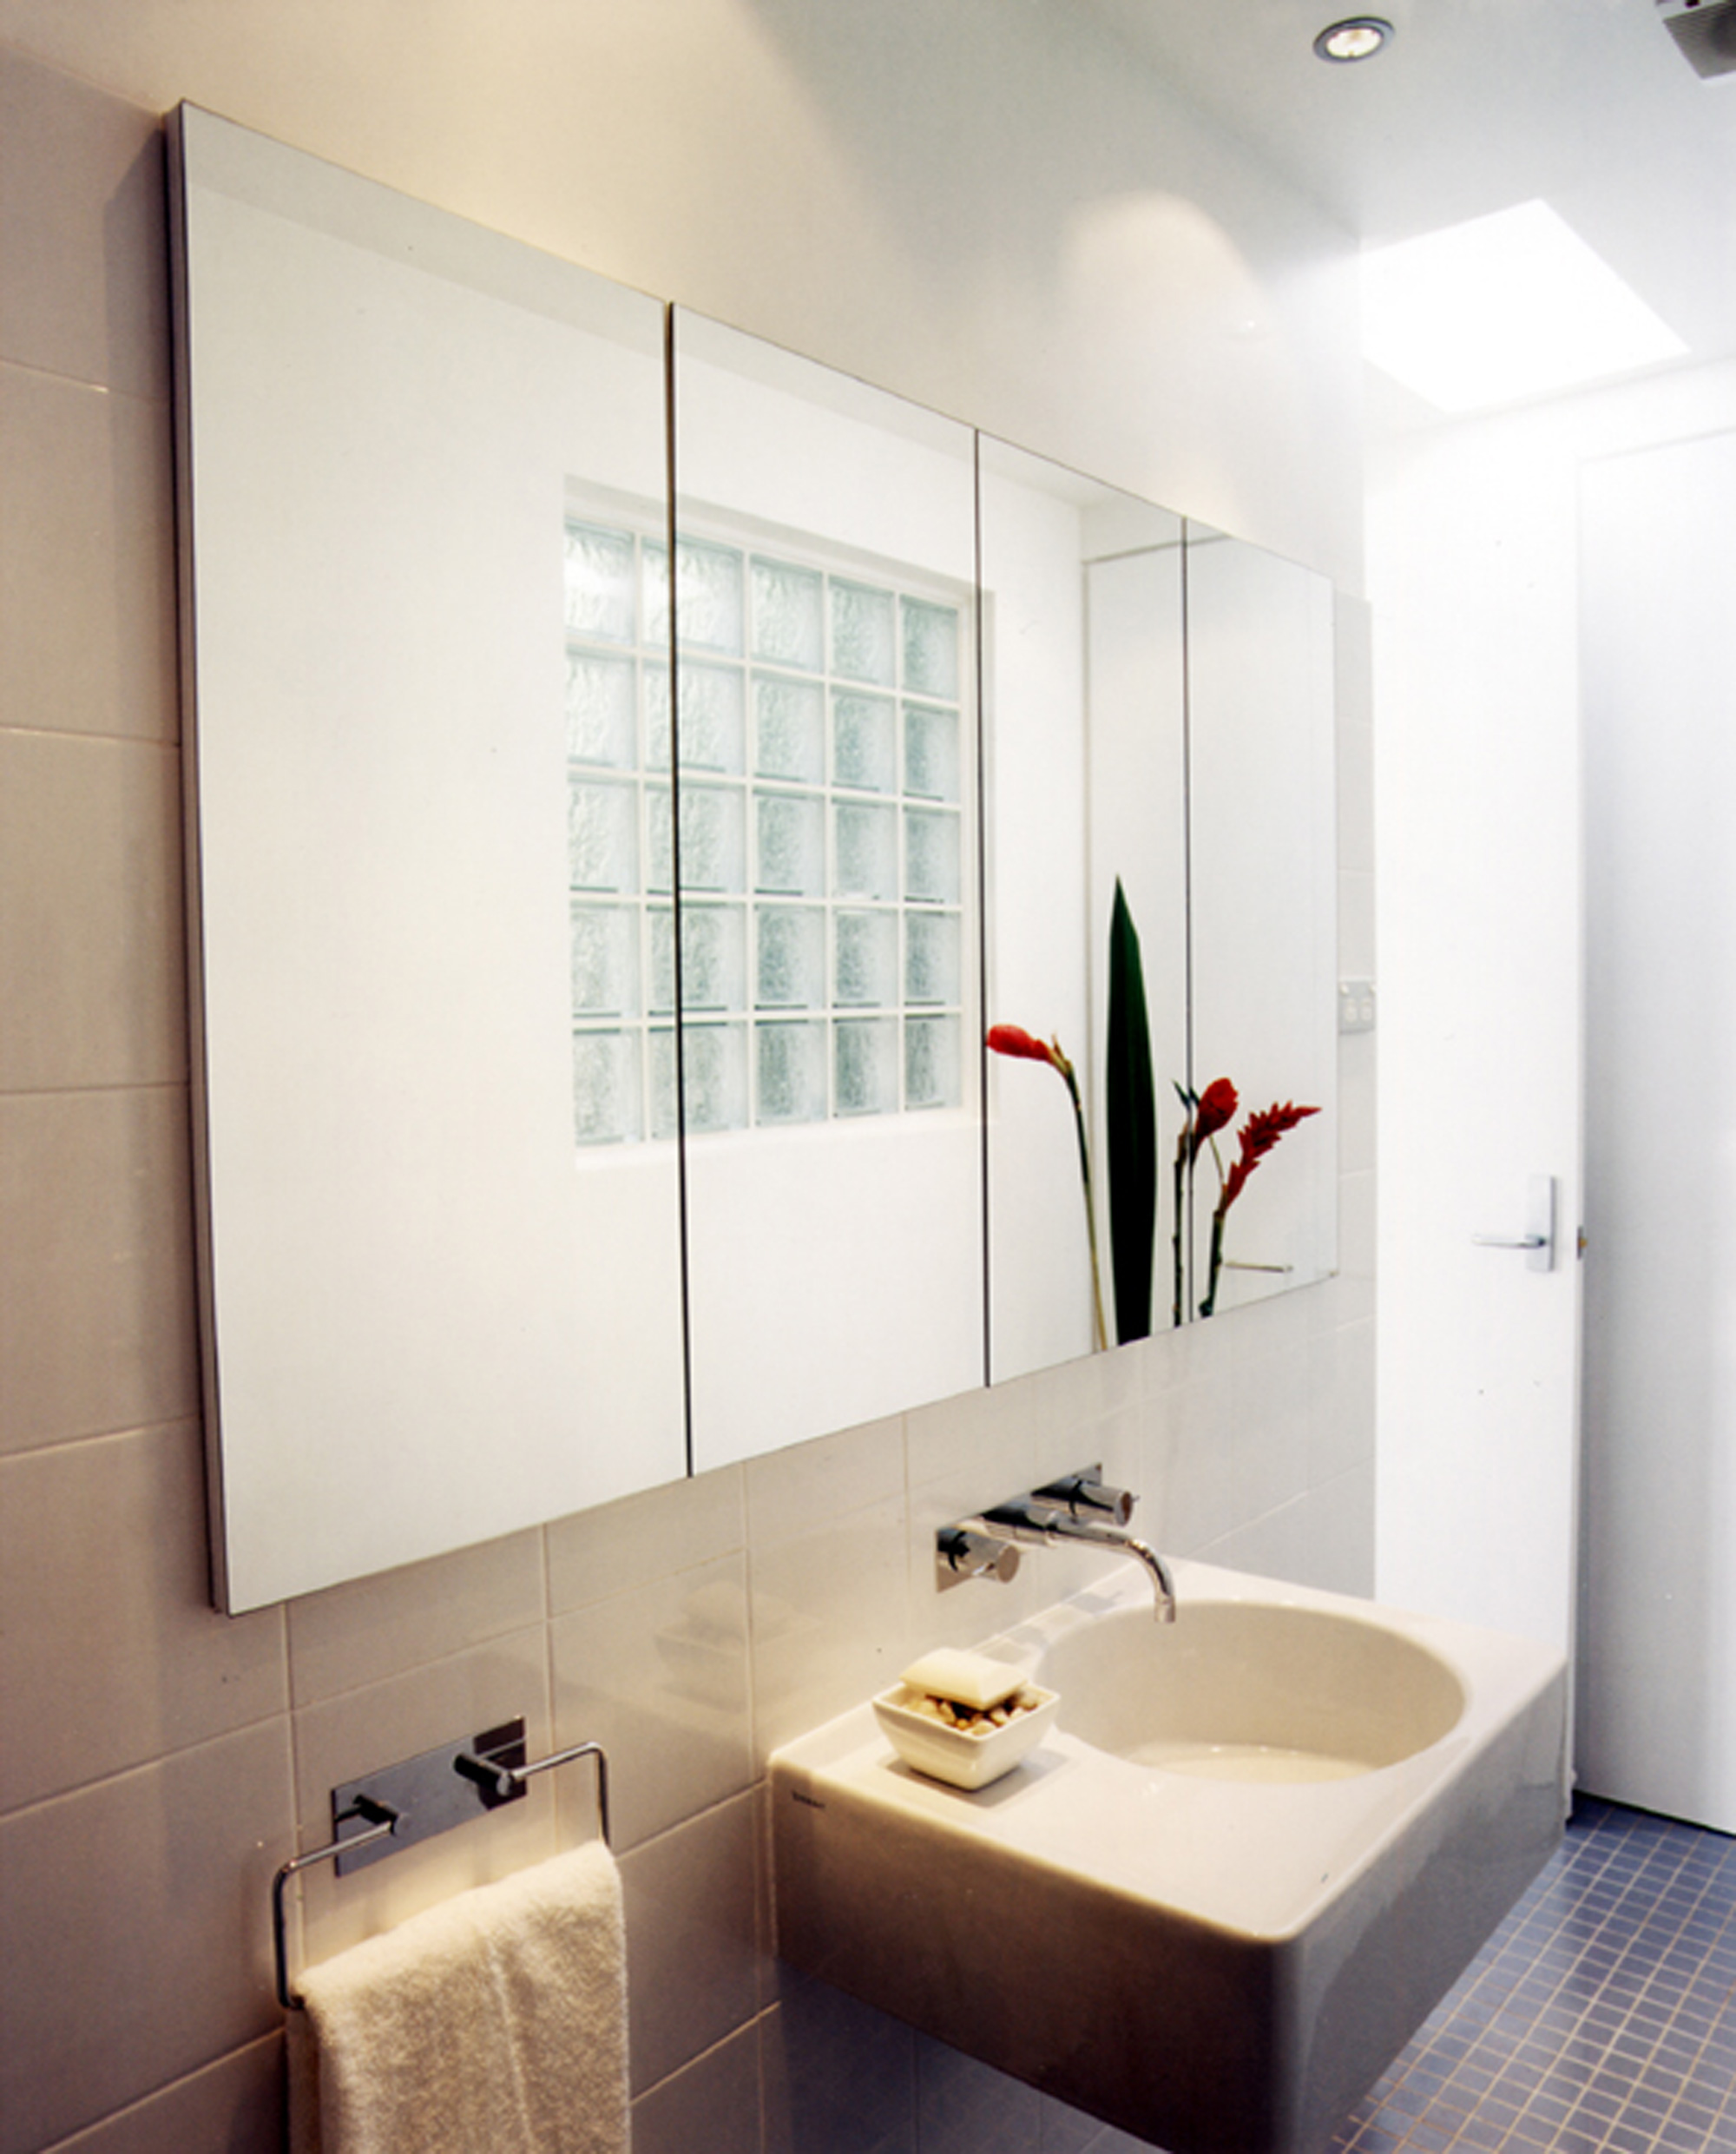 Bay Hill Apartments: Hill Thalis: Rose Bay Apartments